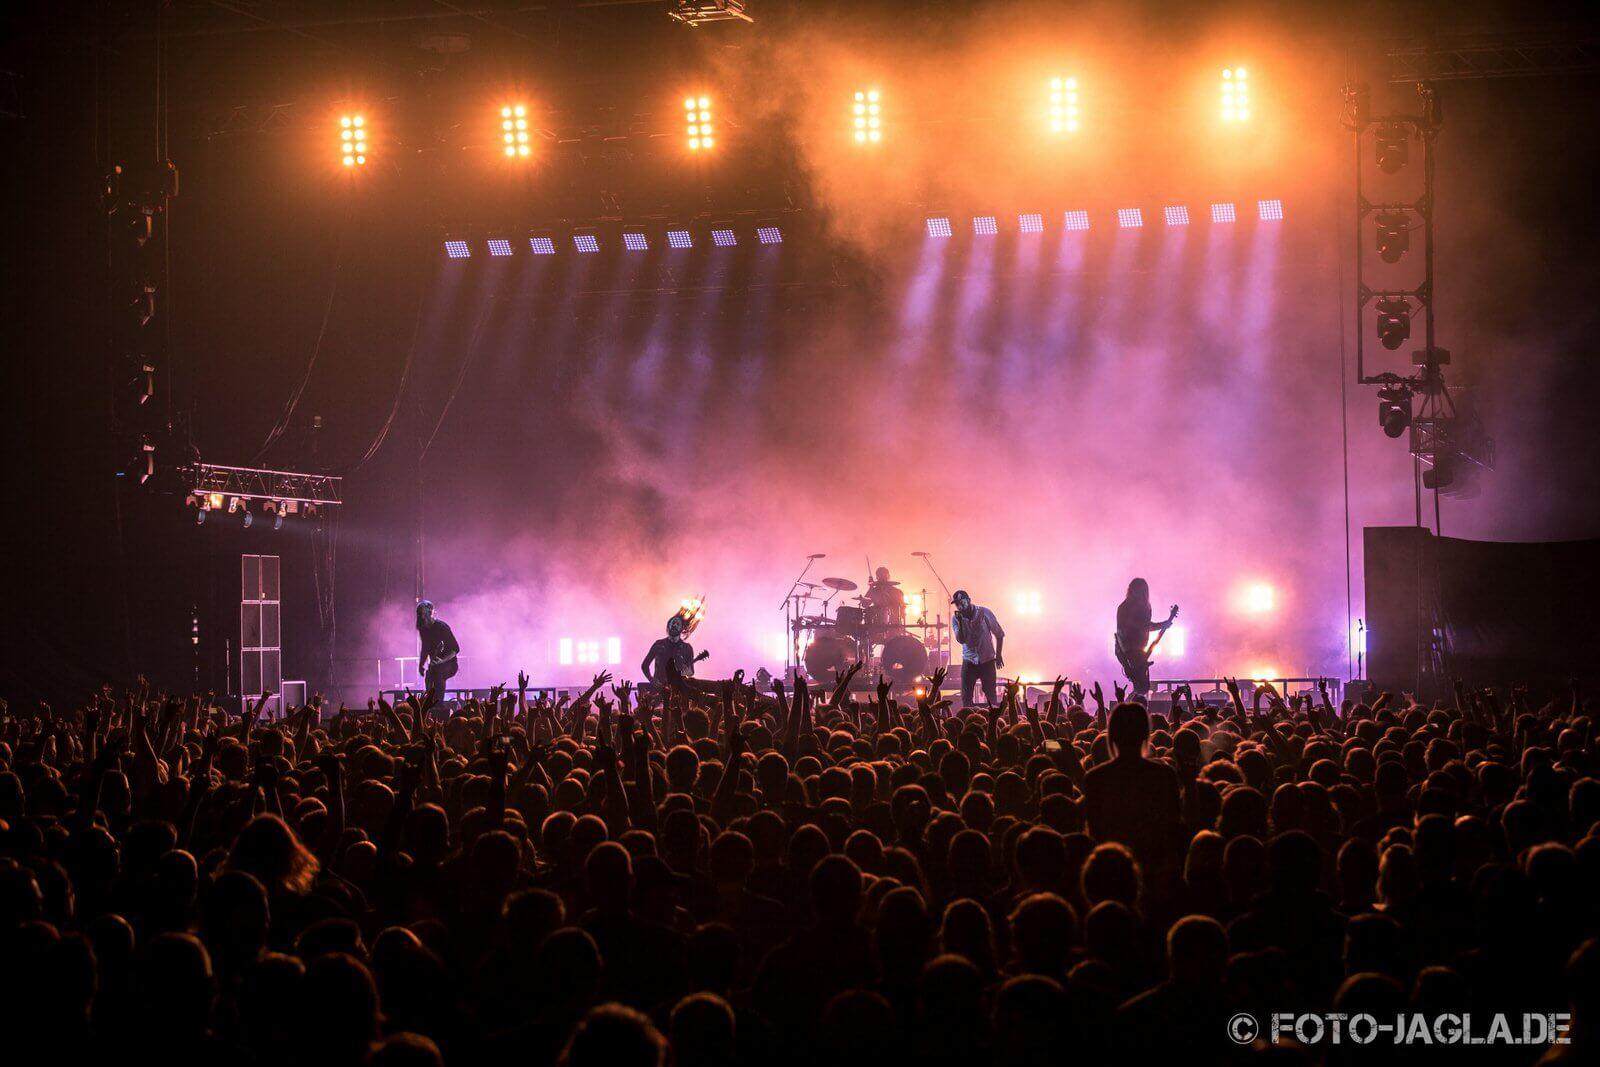 Konzertfotografie - Das Bühnenbild und die Lichtstimmung einfangen